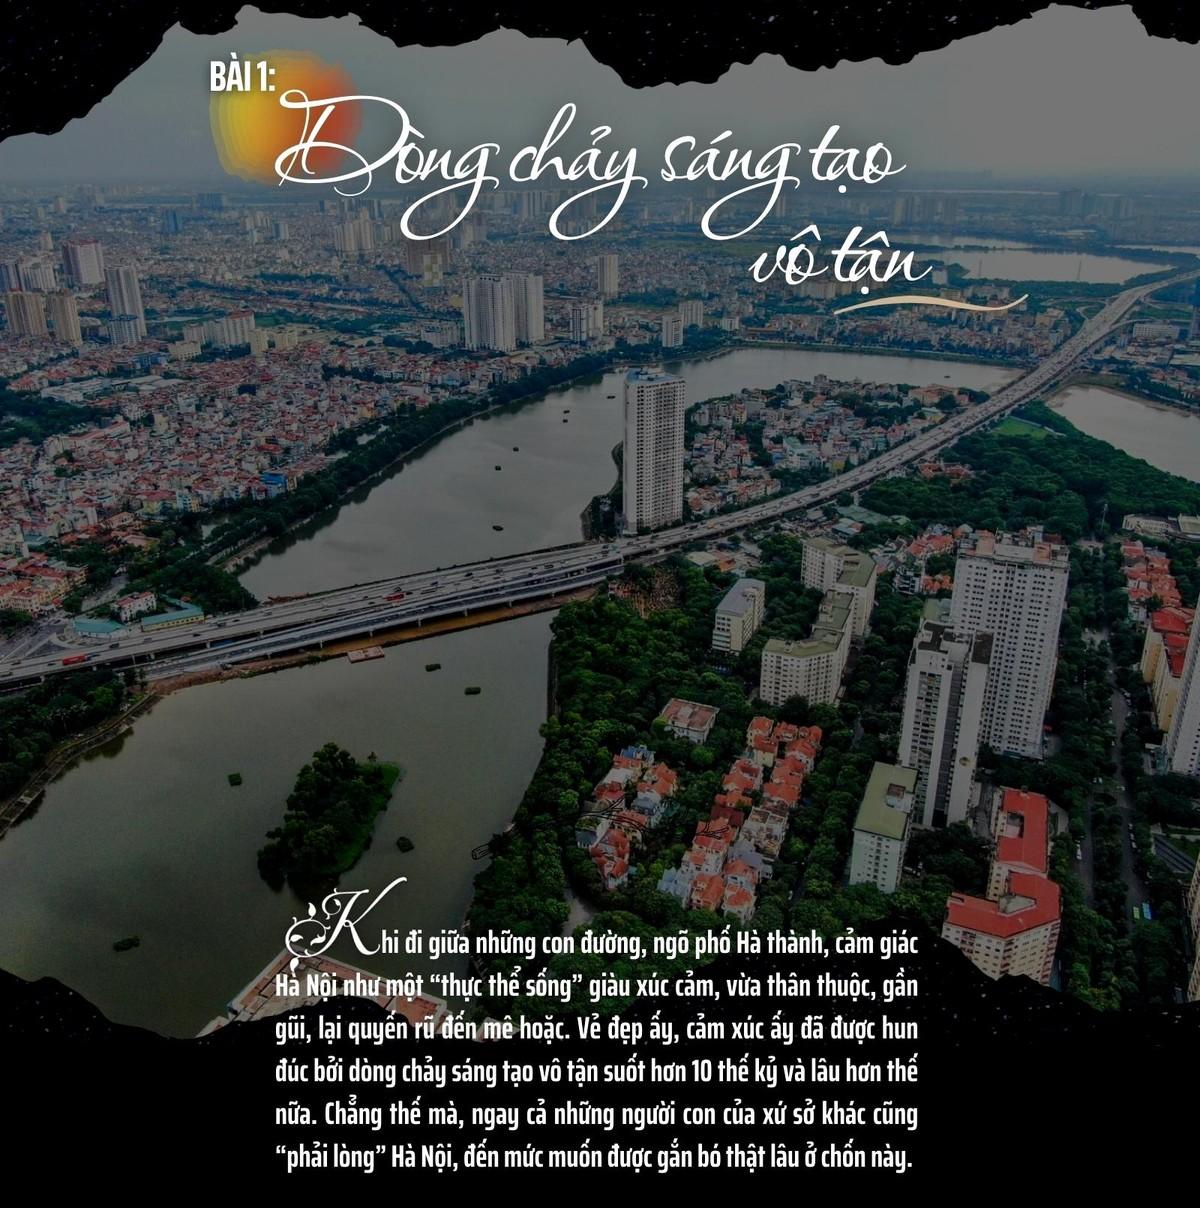 Hà Nội - Thành phố ngàn năm sáng tạo (Bài 1): Dòng chảy sáng tạo vô tận ảnh 2